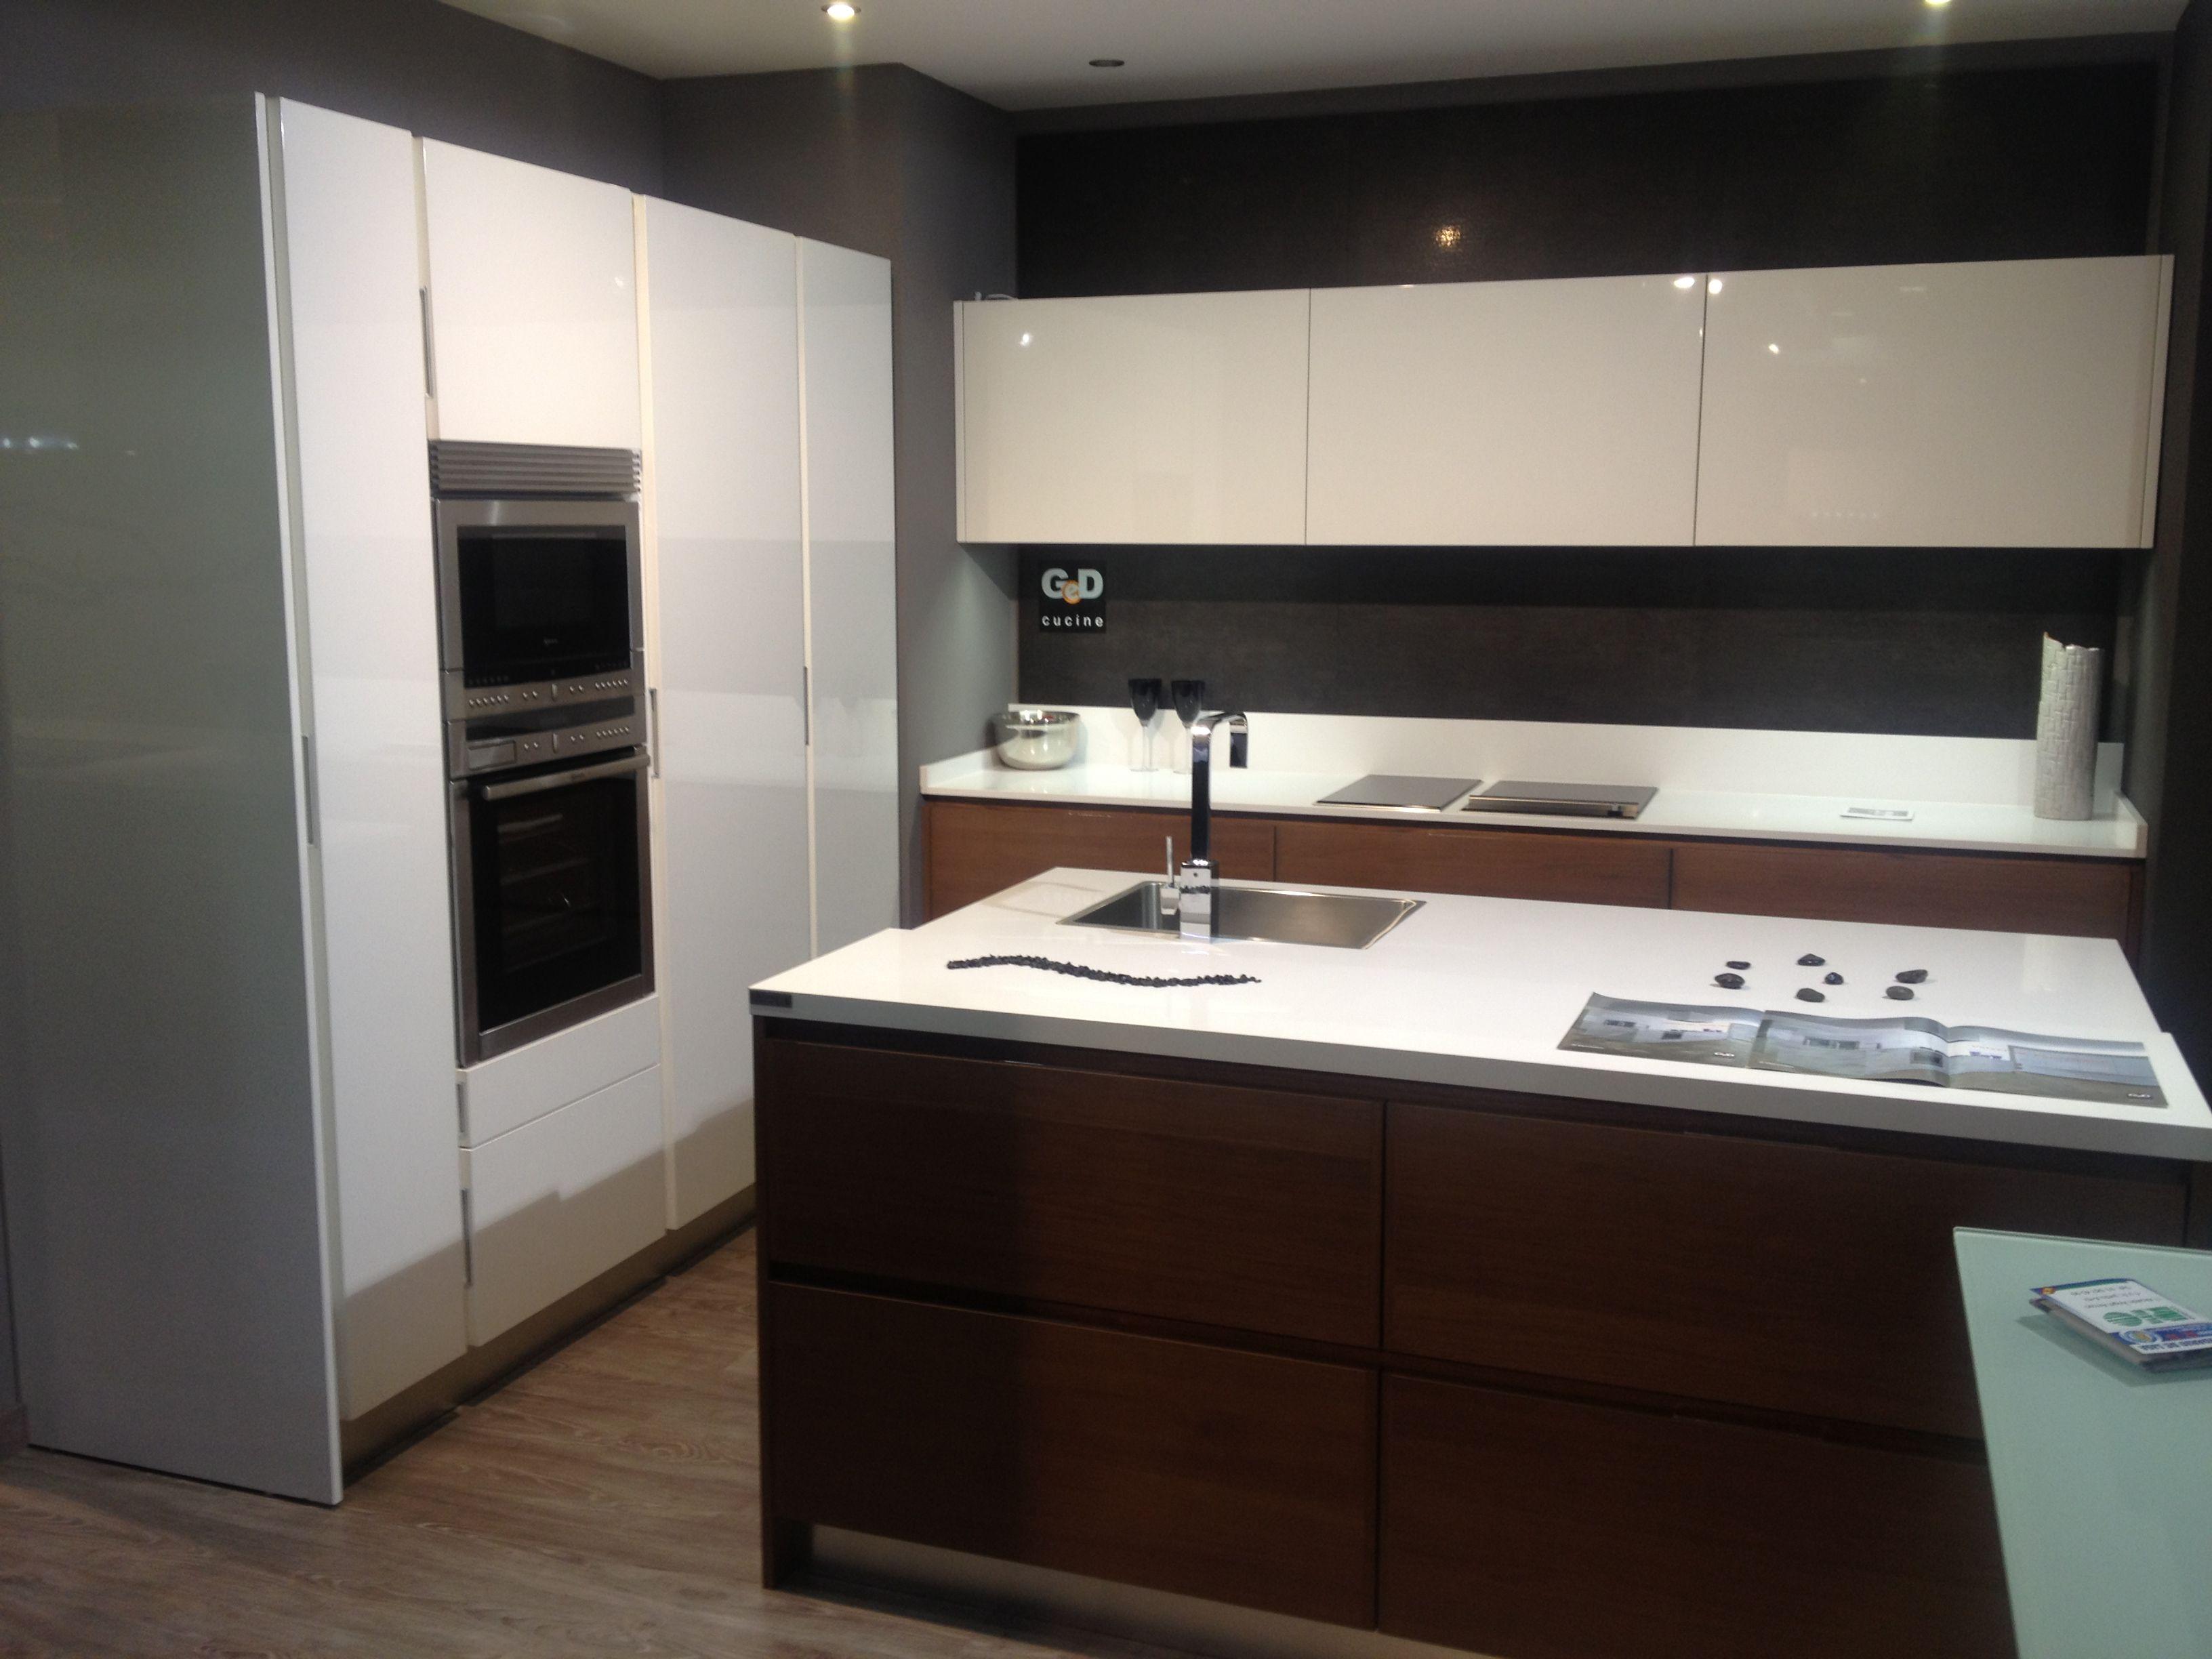 Puedes comprar neff en muebles de cocina r o calle for Muebles de cocina espana